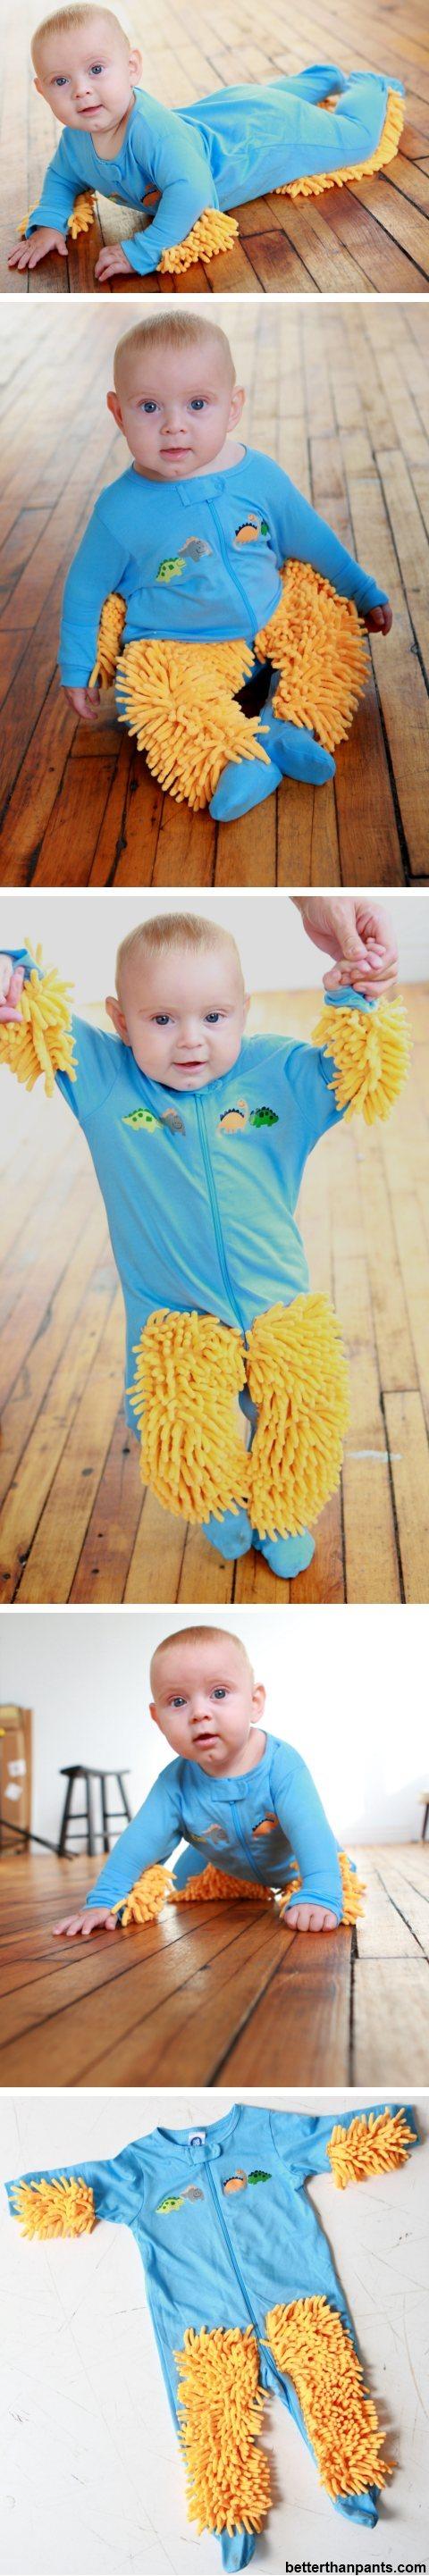 赤ちゃんの「はいはい」を利用して床をピカピカにする「Baby Mop」って商品ワロタw